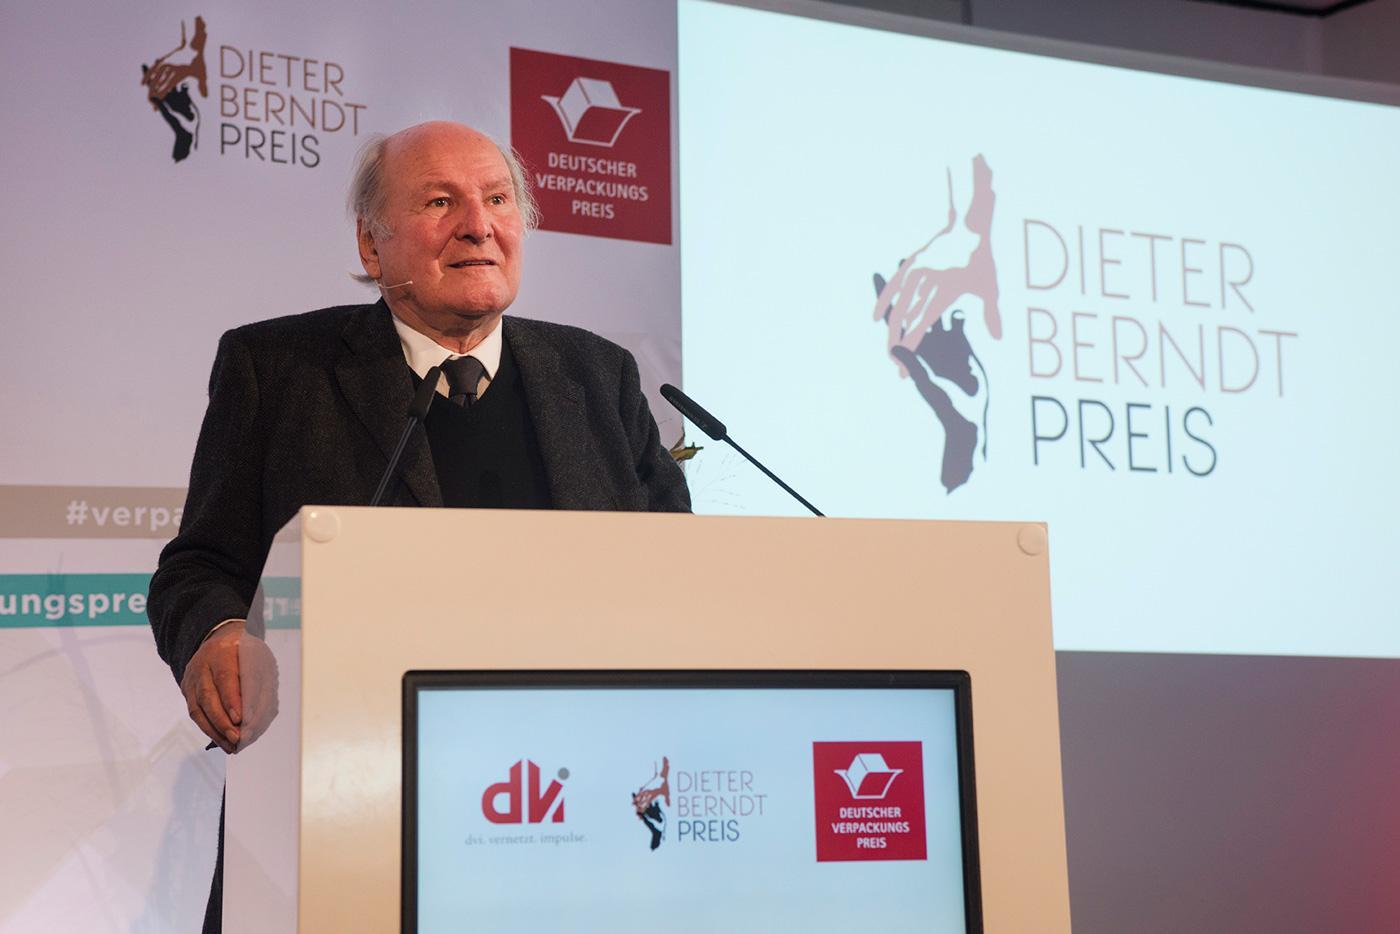 Dieter Berndt Preis